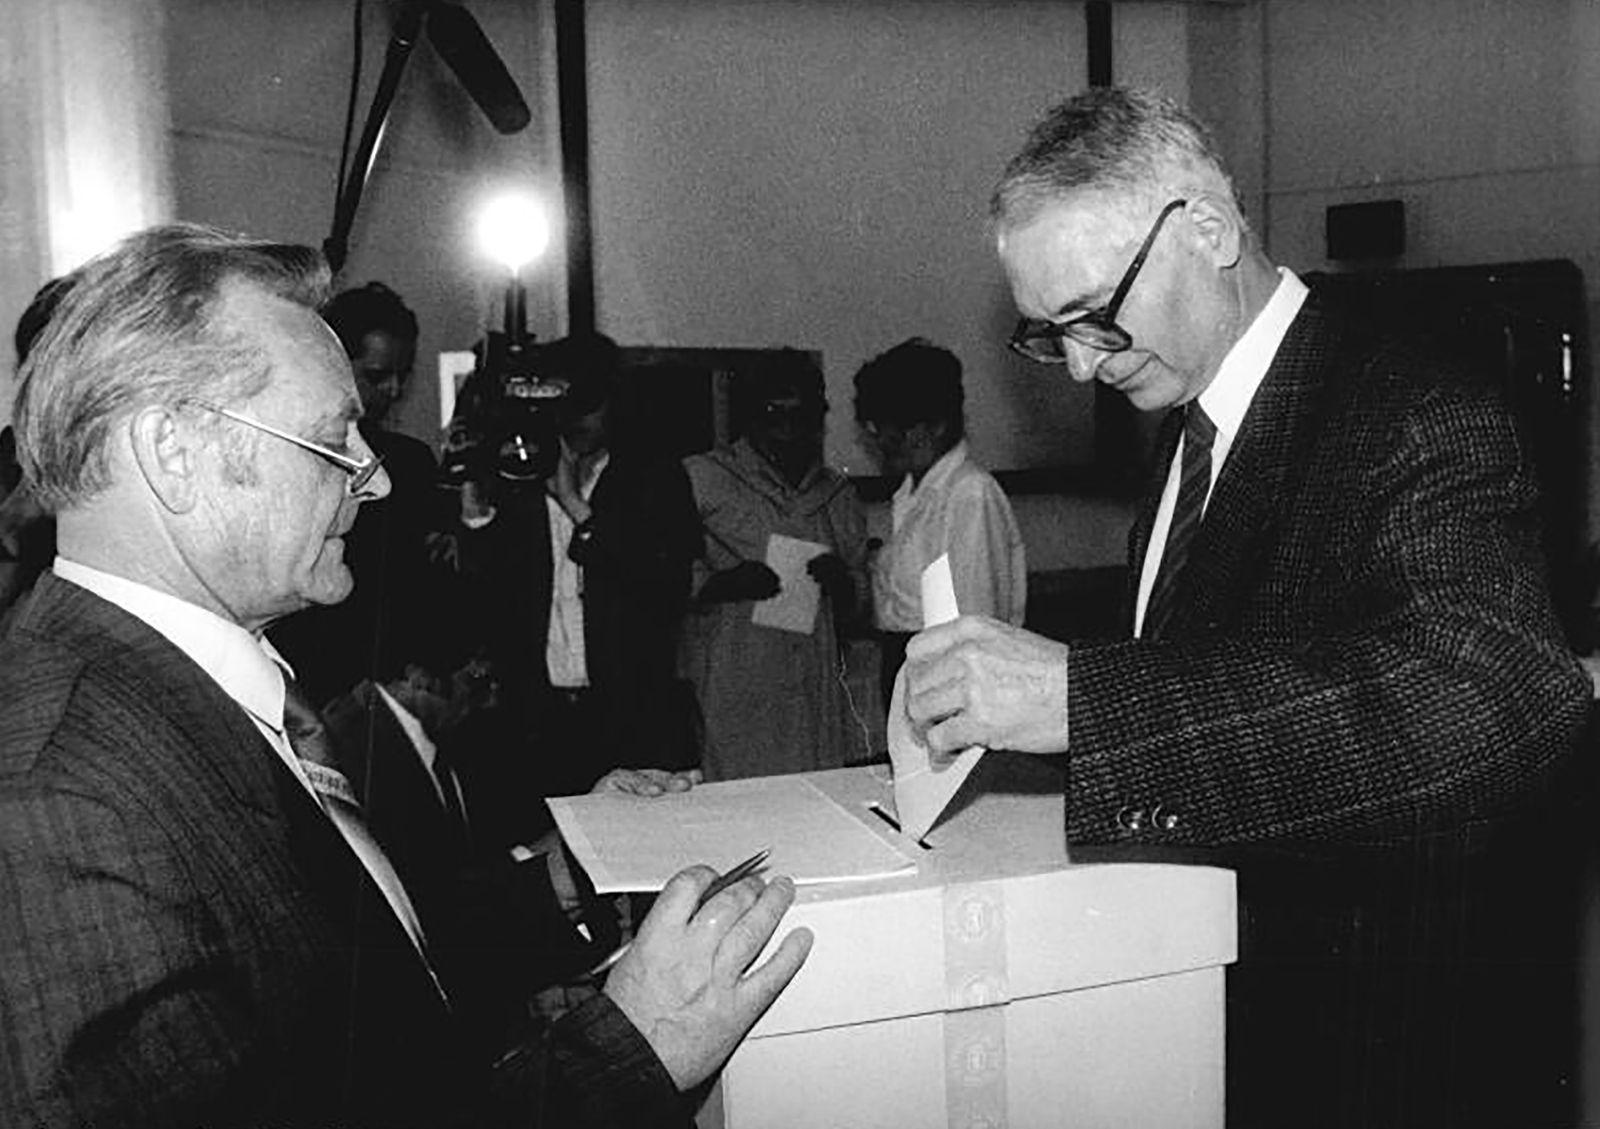 Volkskammerwahl 1990 - Berlin, Volkskammerwahl, Stimmabgabe Jens Reich